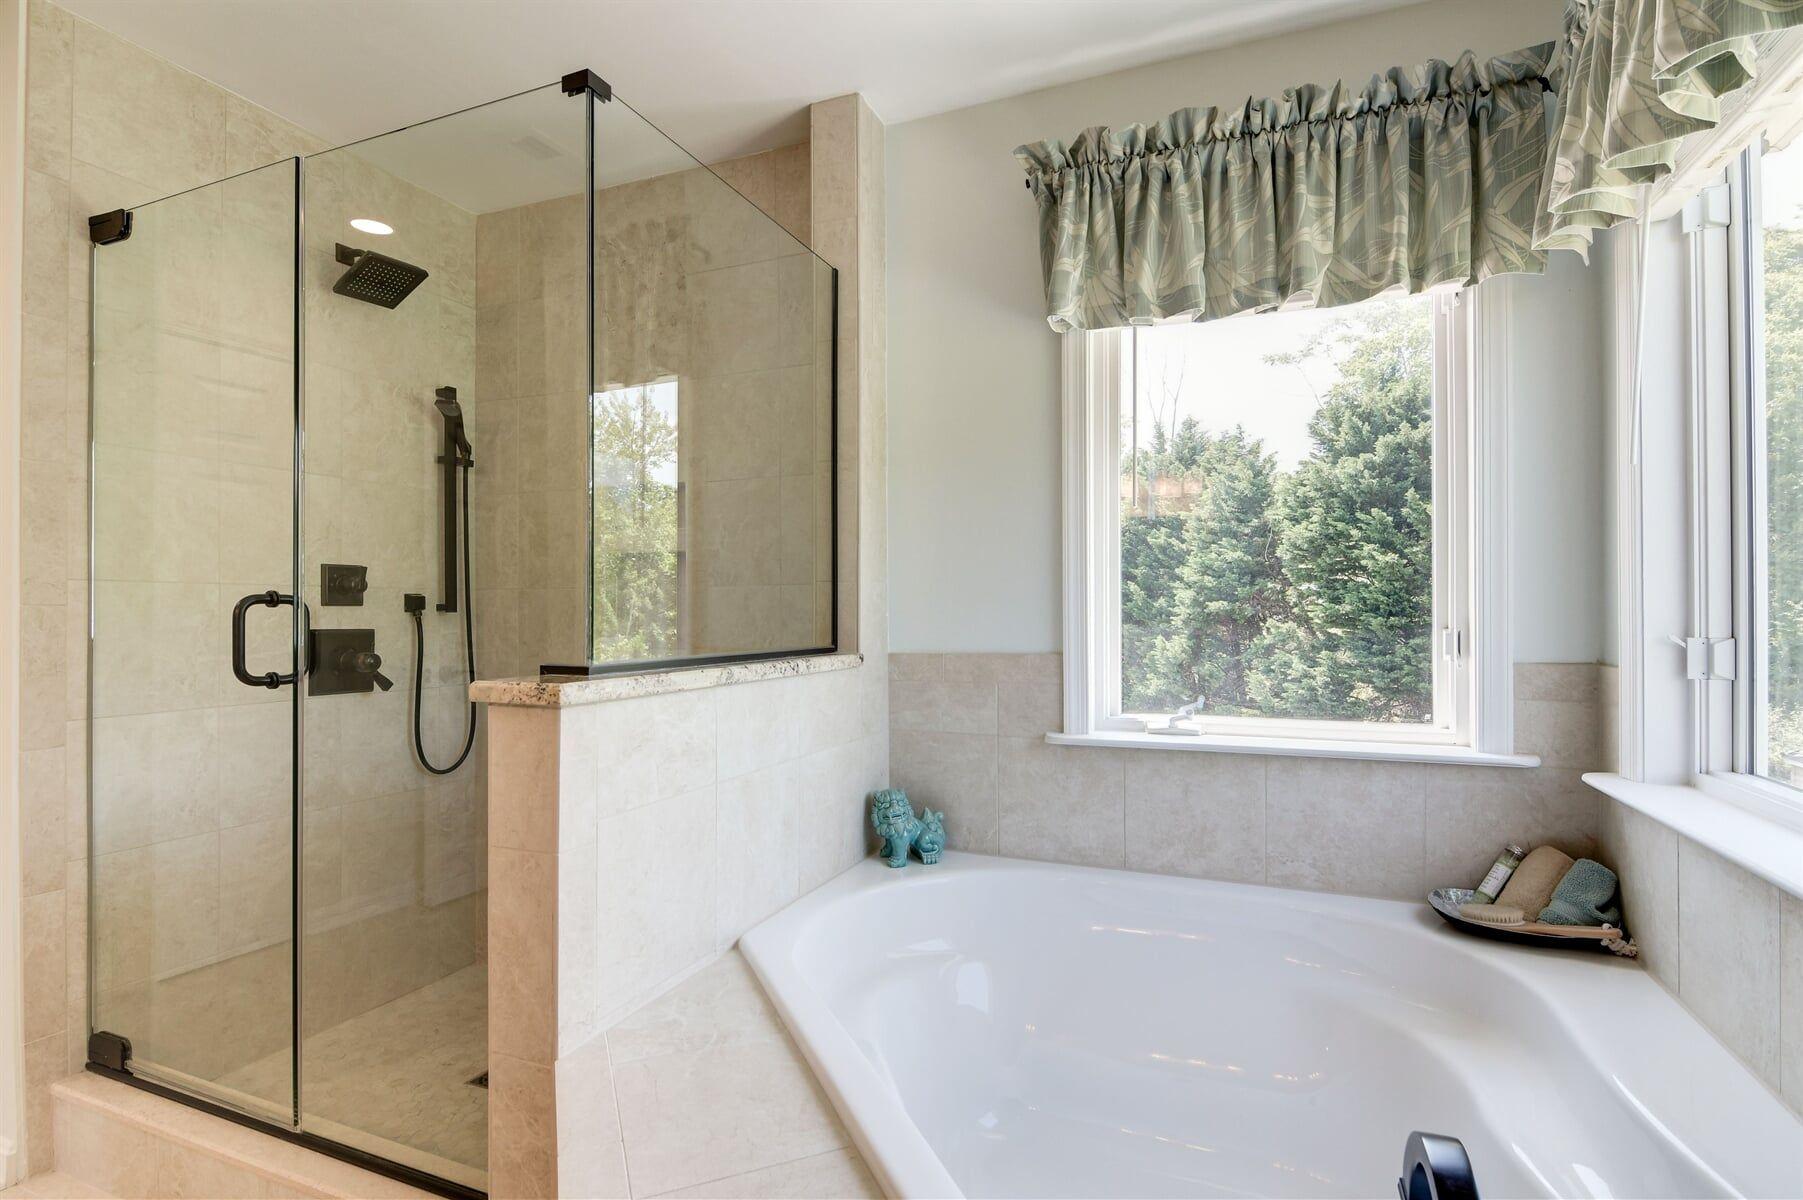 Bathroom Remodeling In Sunderland Md By Southern Maryland Kitchen Bath Floors Design Bathrooms Remodel Floor Design Remodel [ jpg ]